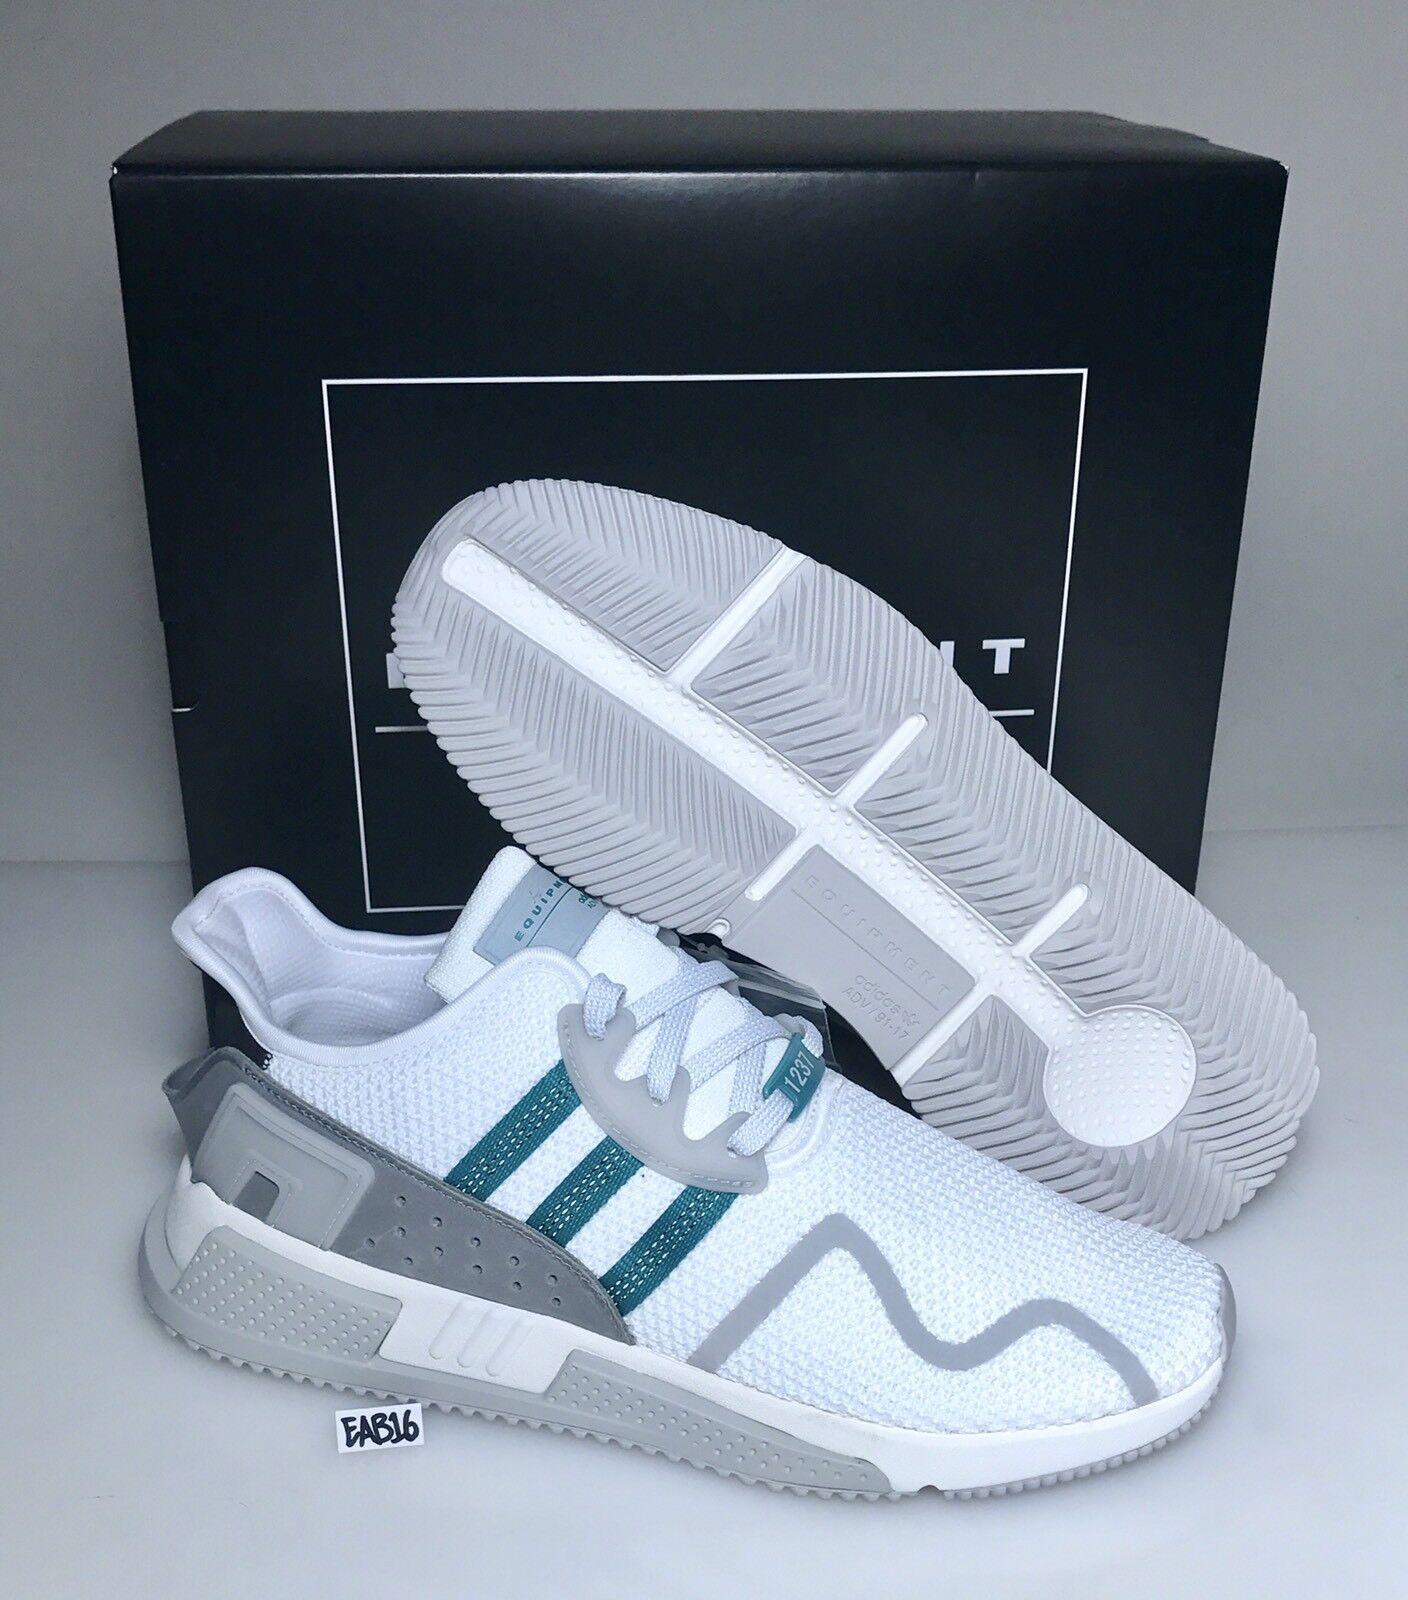 Adidas eqt avanzata cuscino bianco e verde in mano!numero 11 in nord america cp9458